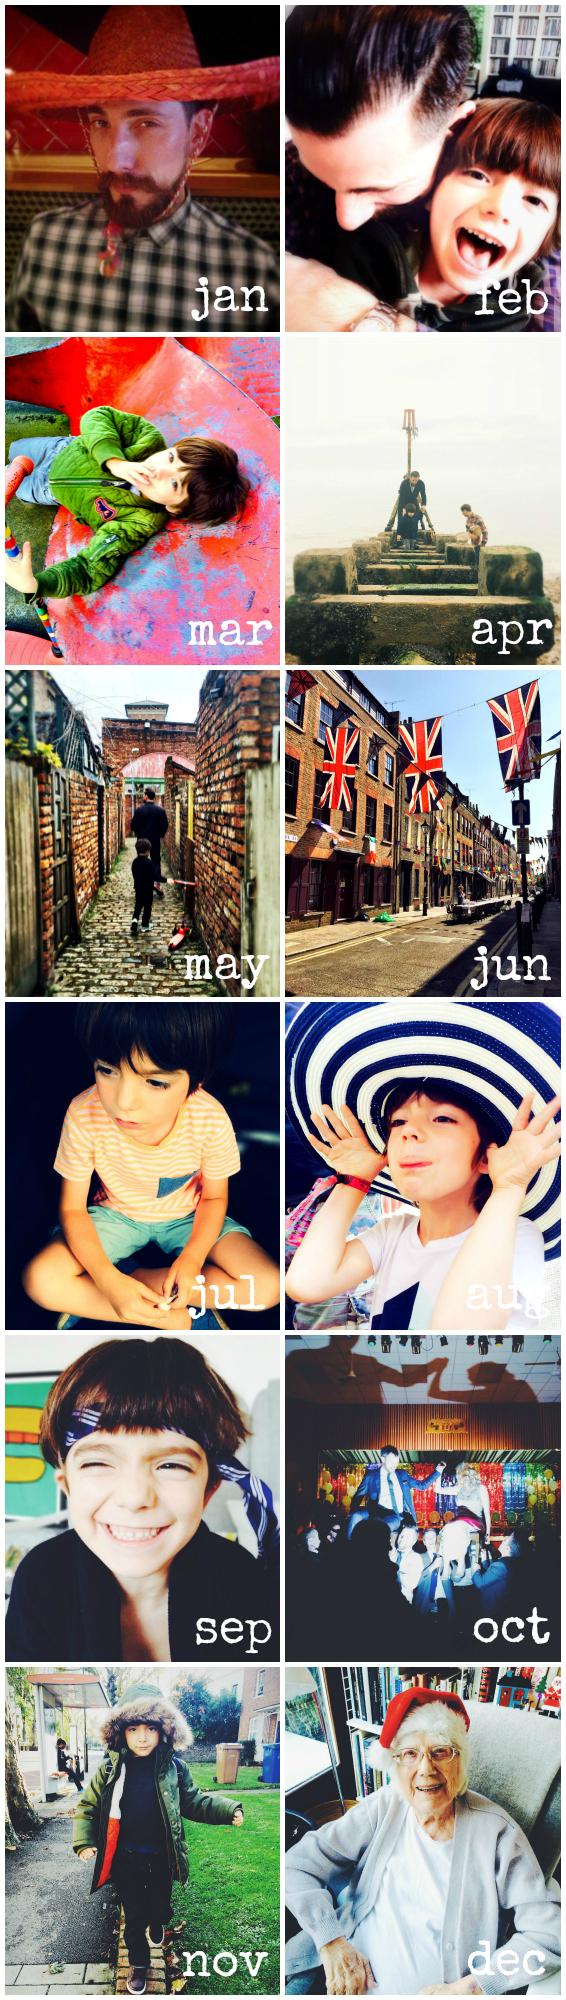 12 months 2014